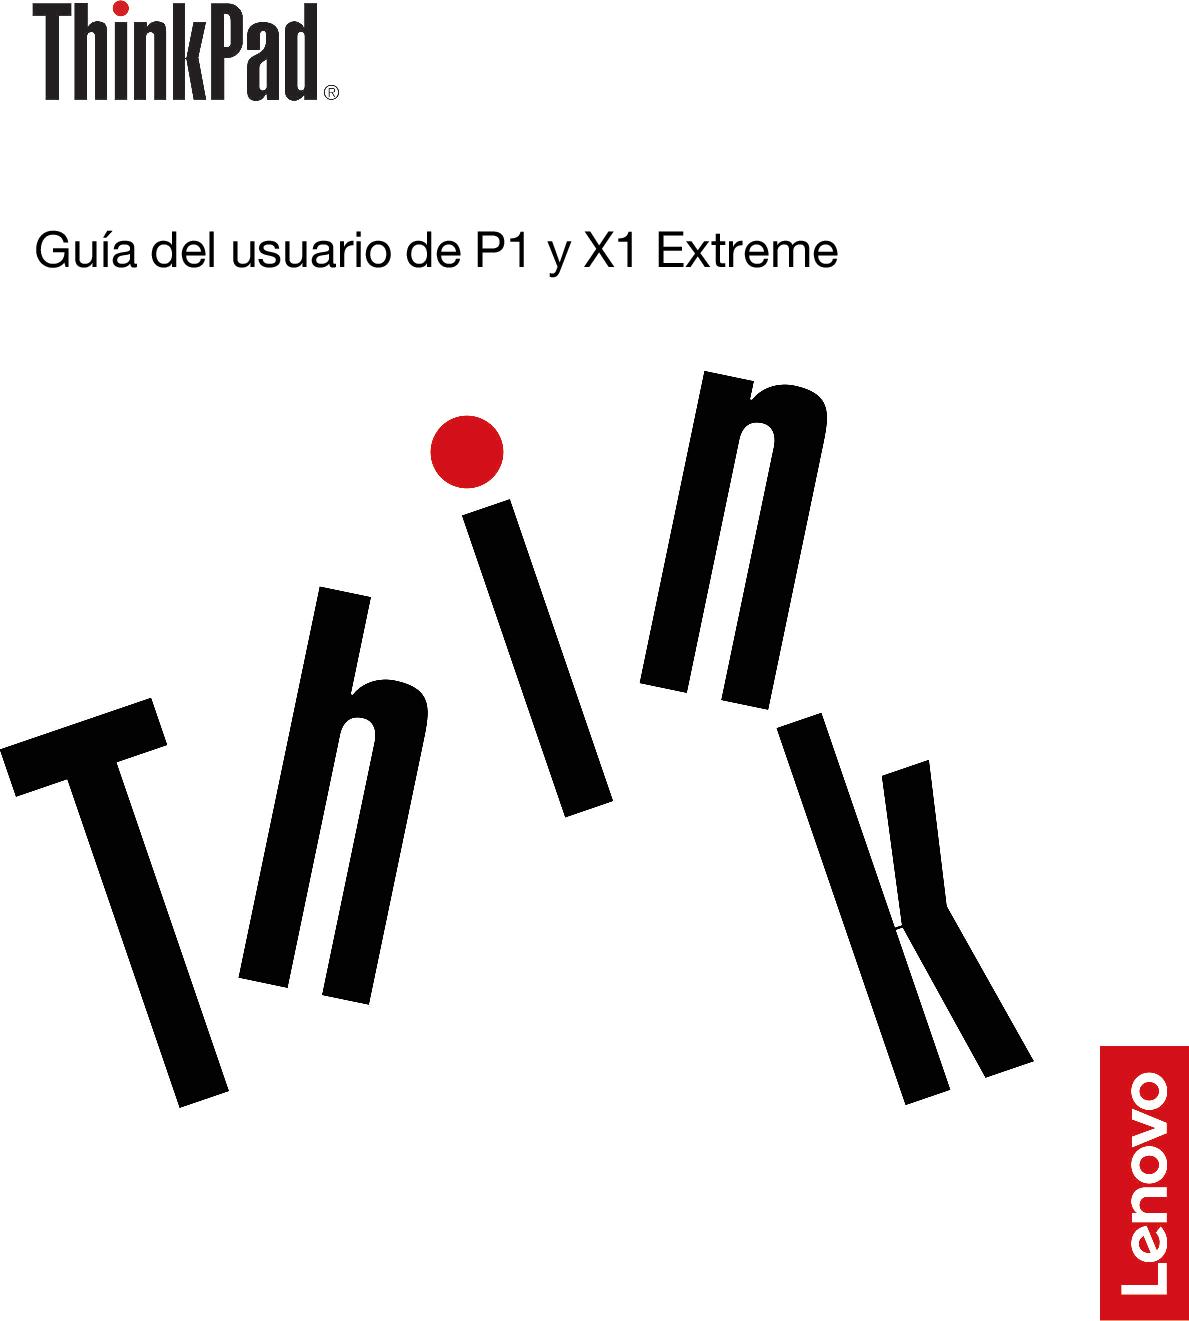 Lenovo Guía Del Usuario De P1 Y X1 Extreme (Spanish) User